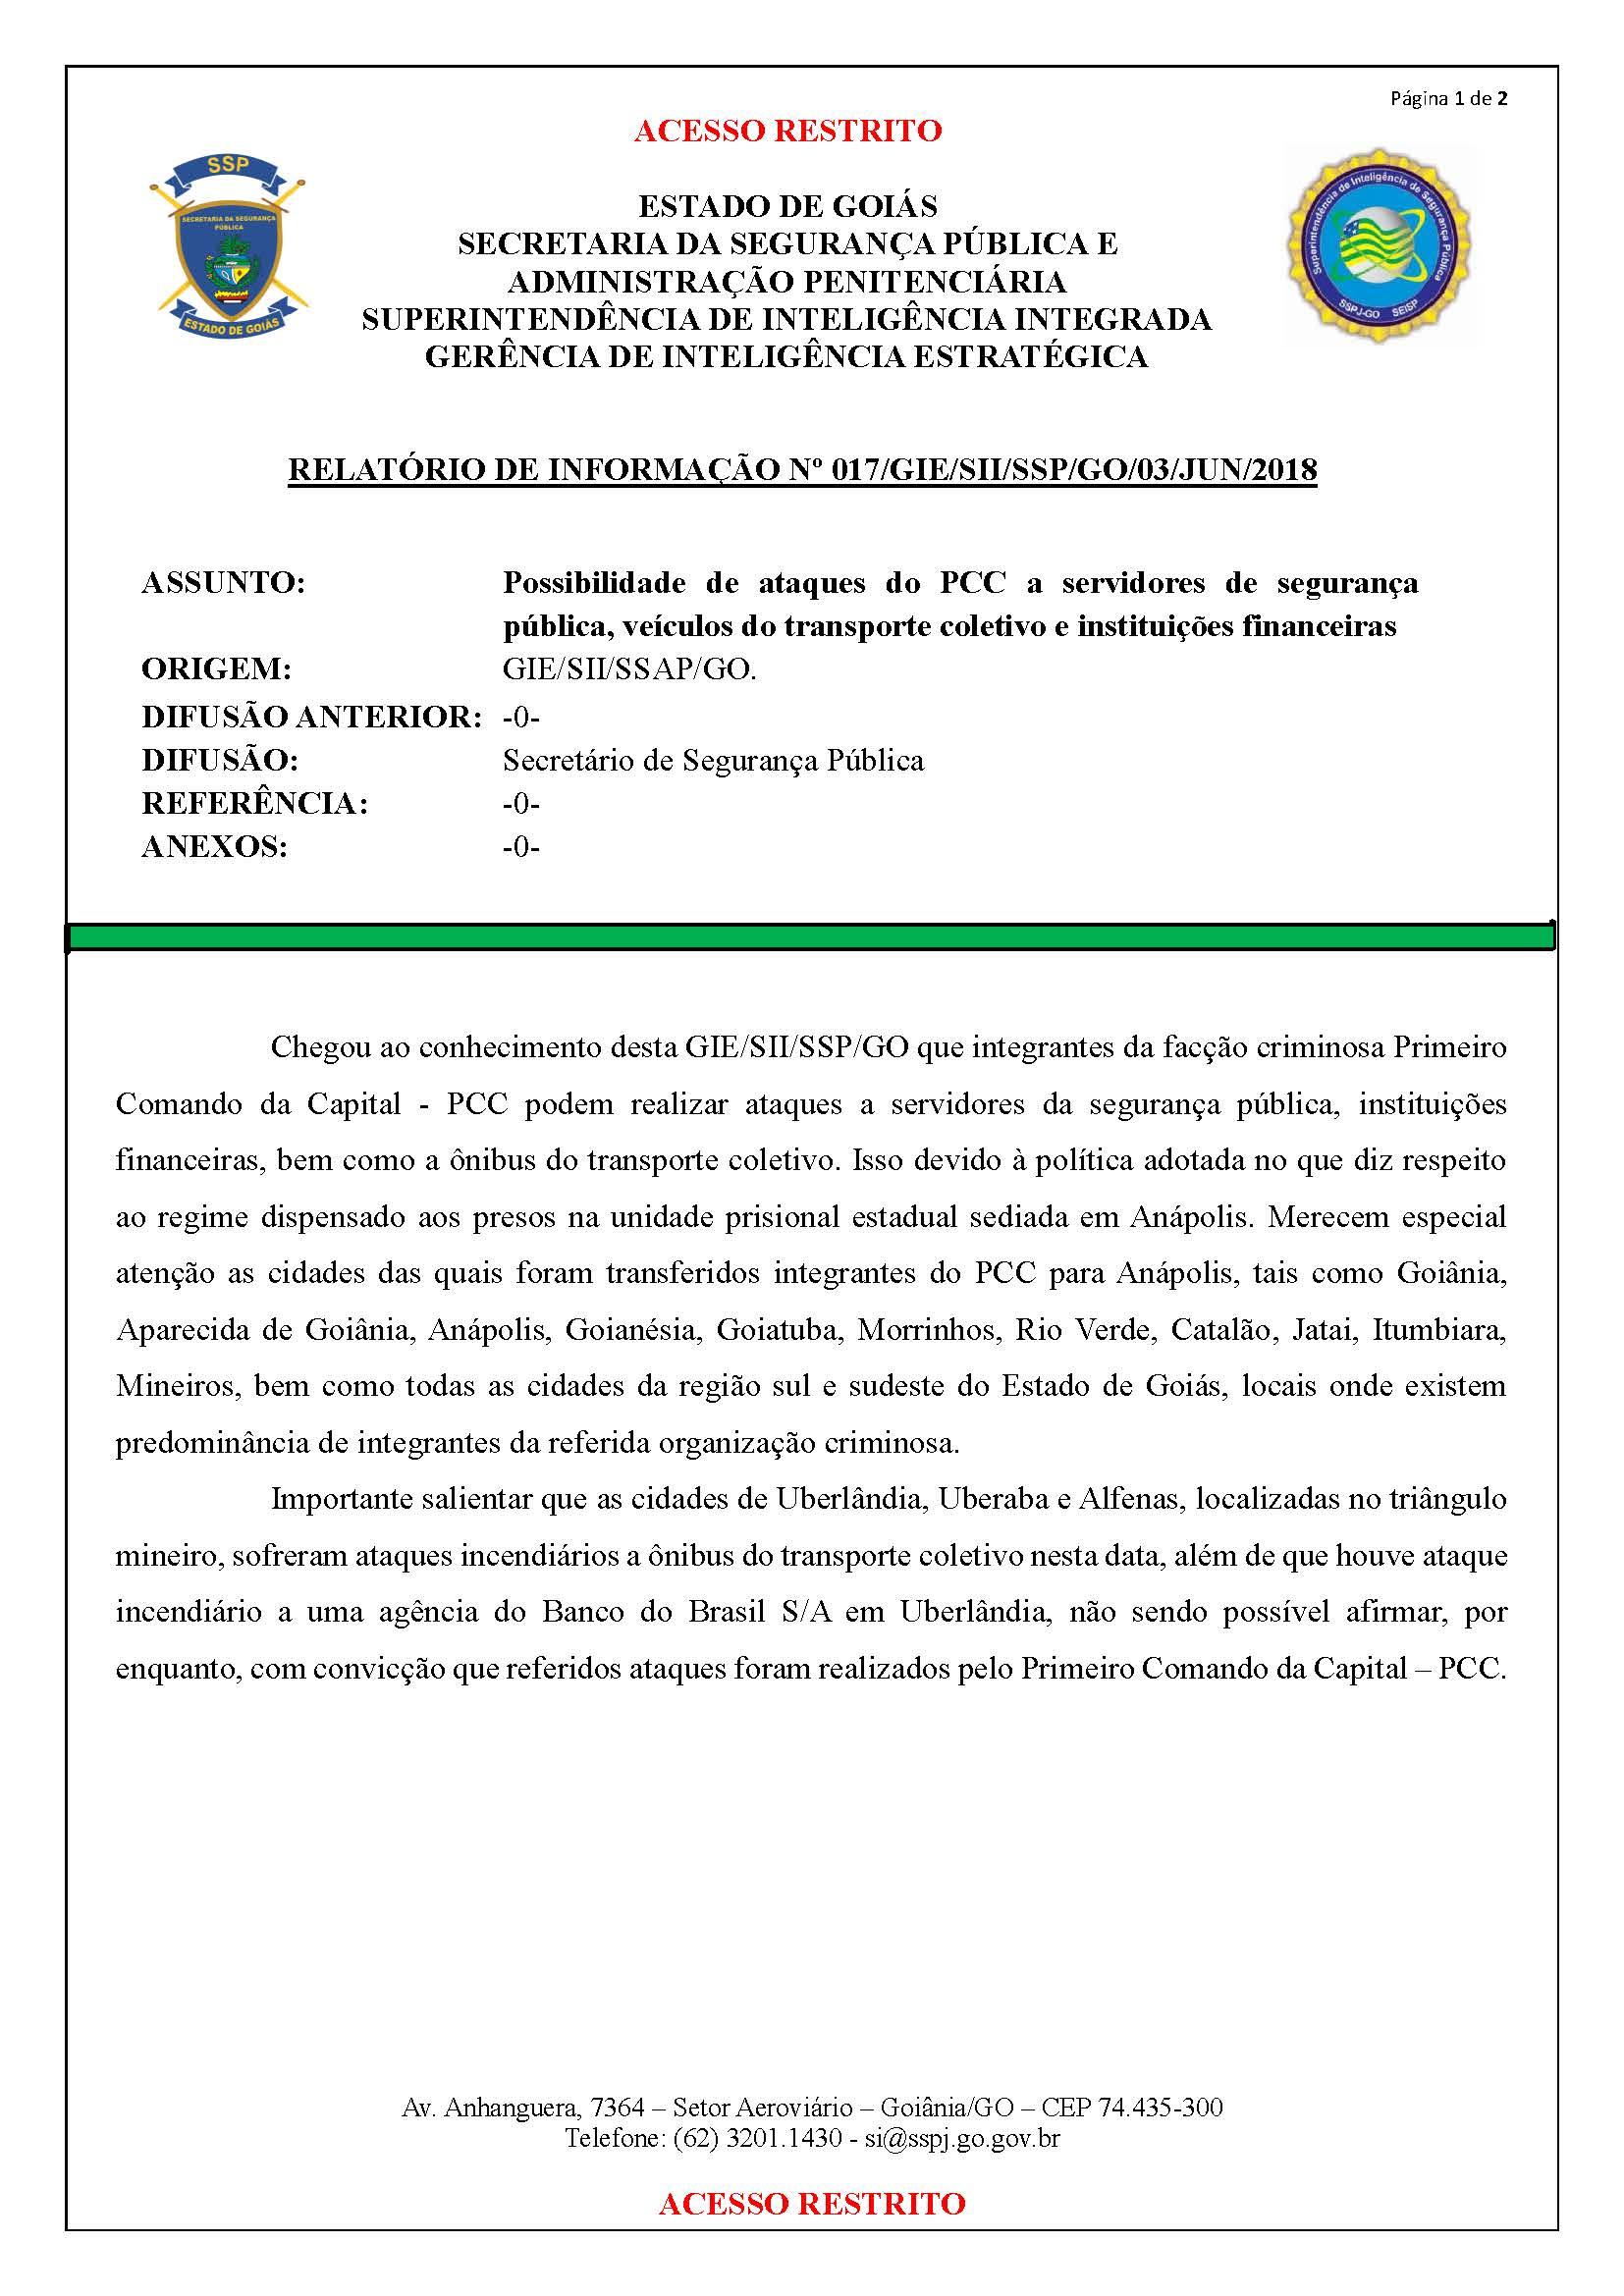 É verdadeiro relatório que fala sobre possível ataque do PCC em Goiânia   Foto: Reprodução/SSP